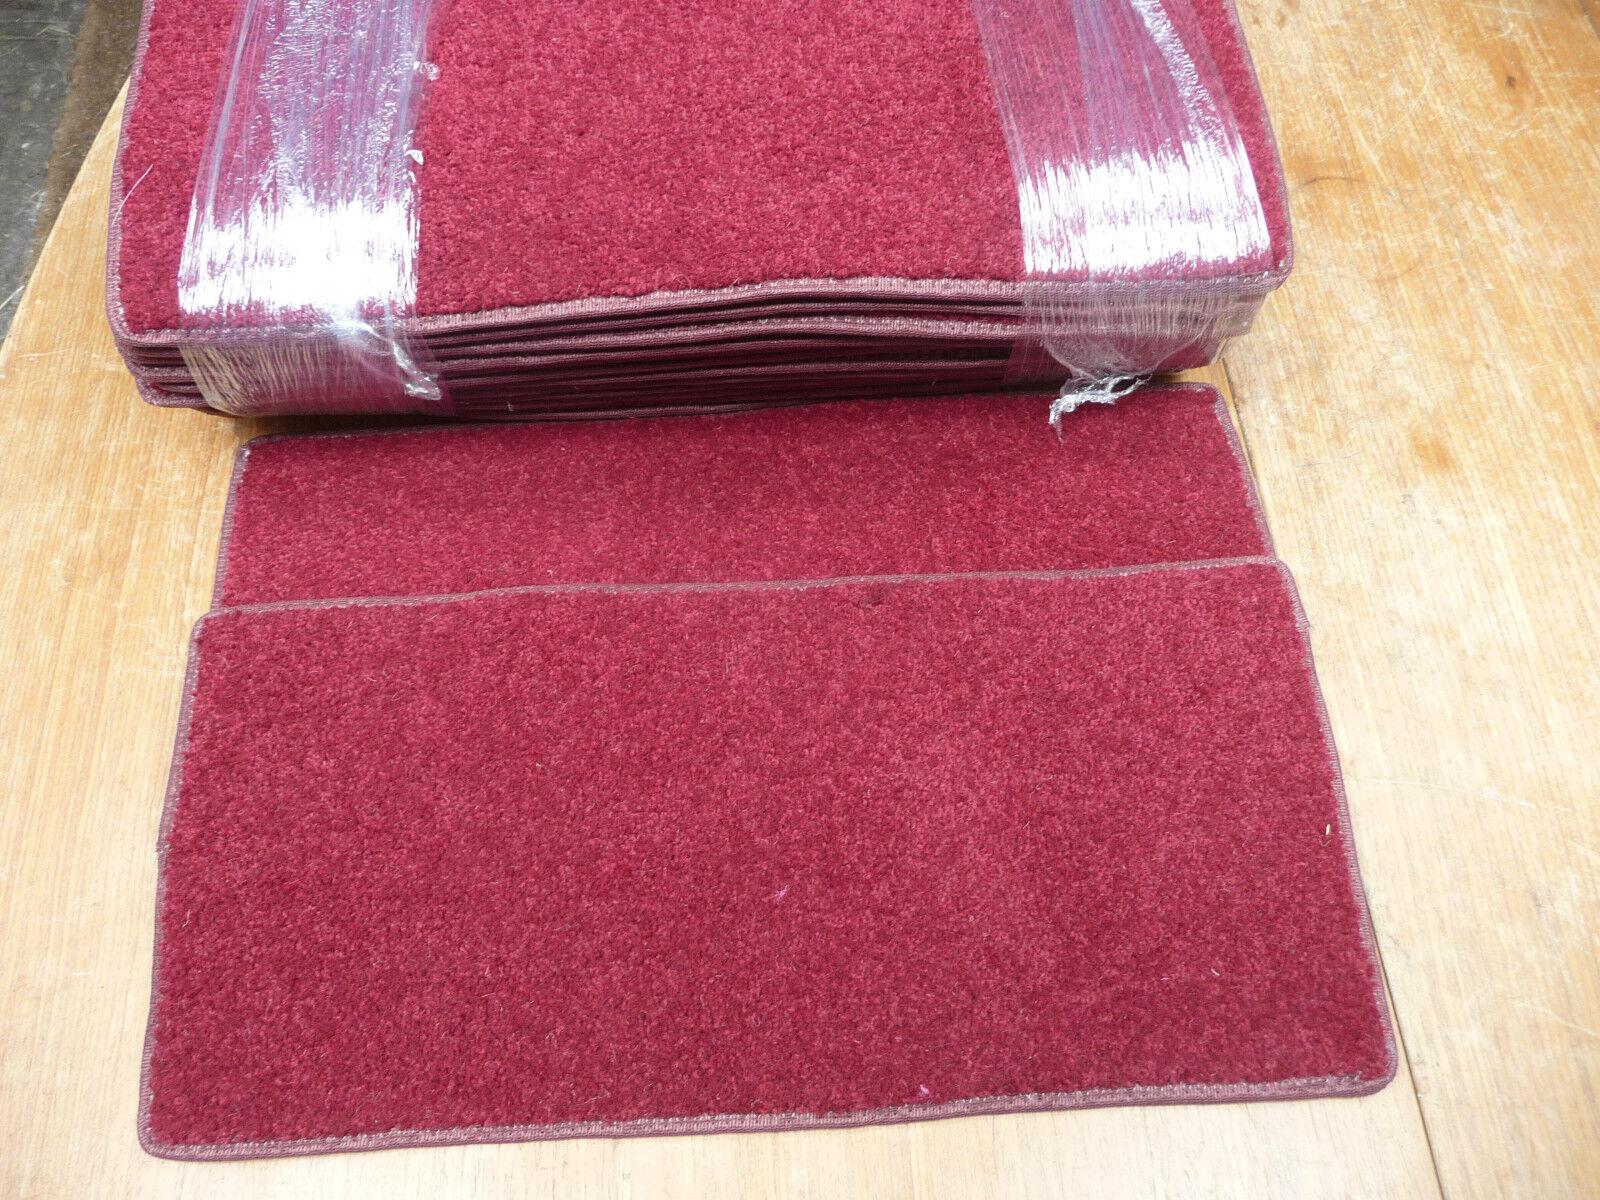 15x PASTIGLIE SCALA pedate BN a buon mercato ricco colore ROSSO  STOCK SVENDITA   1822